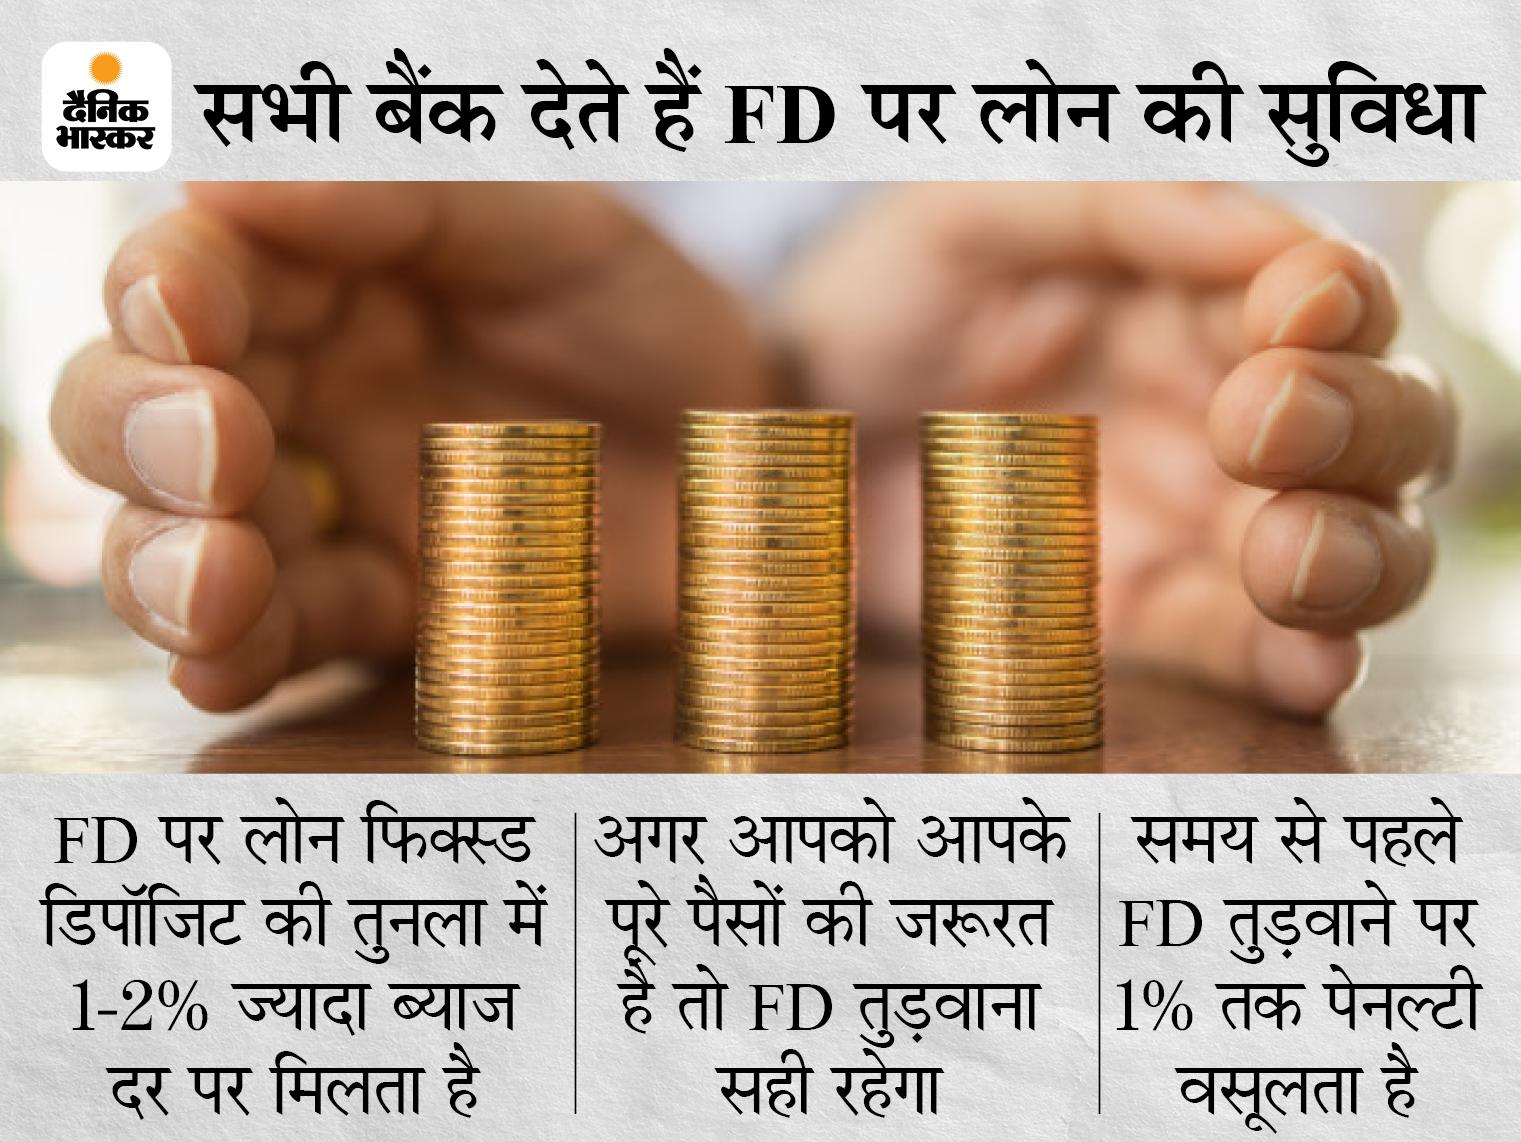 कोरोना काल में पैसों की जरूरत पड़ने पर FD तुड़वाएं या उस पर लोन लें, यहां जानें कौन-सा ऑप्शन रहेगा सही|बिजनेस,Business - Dainik Bhaskar